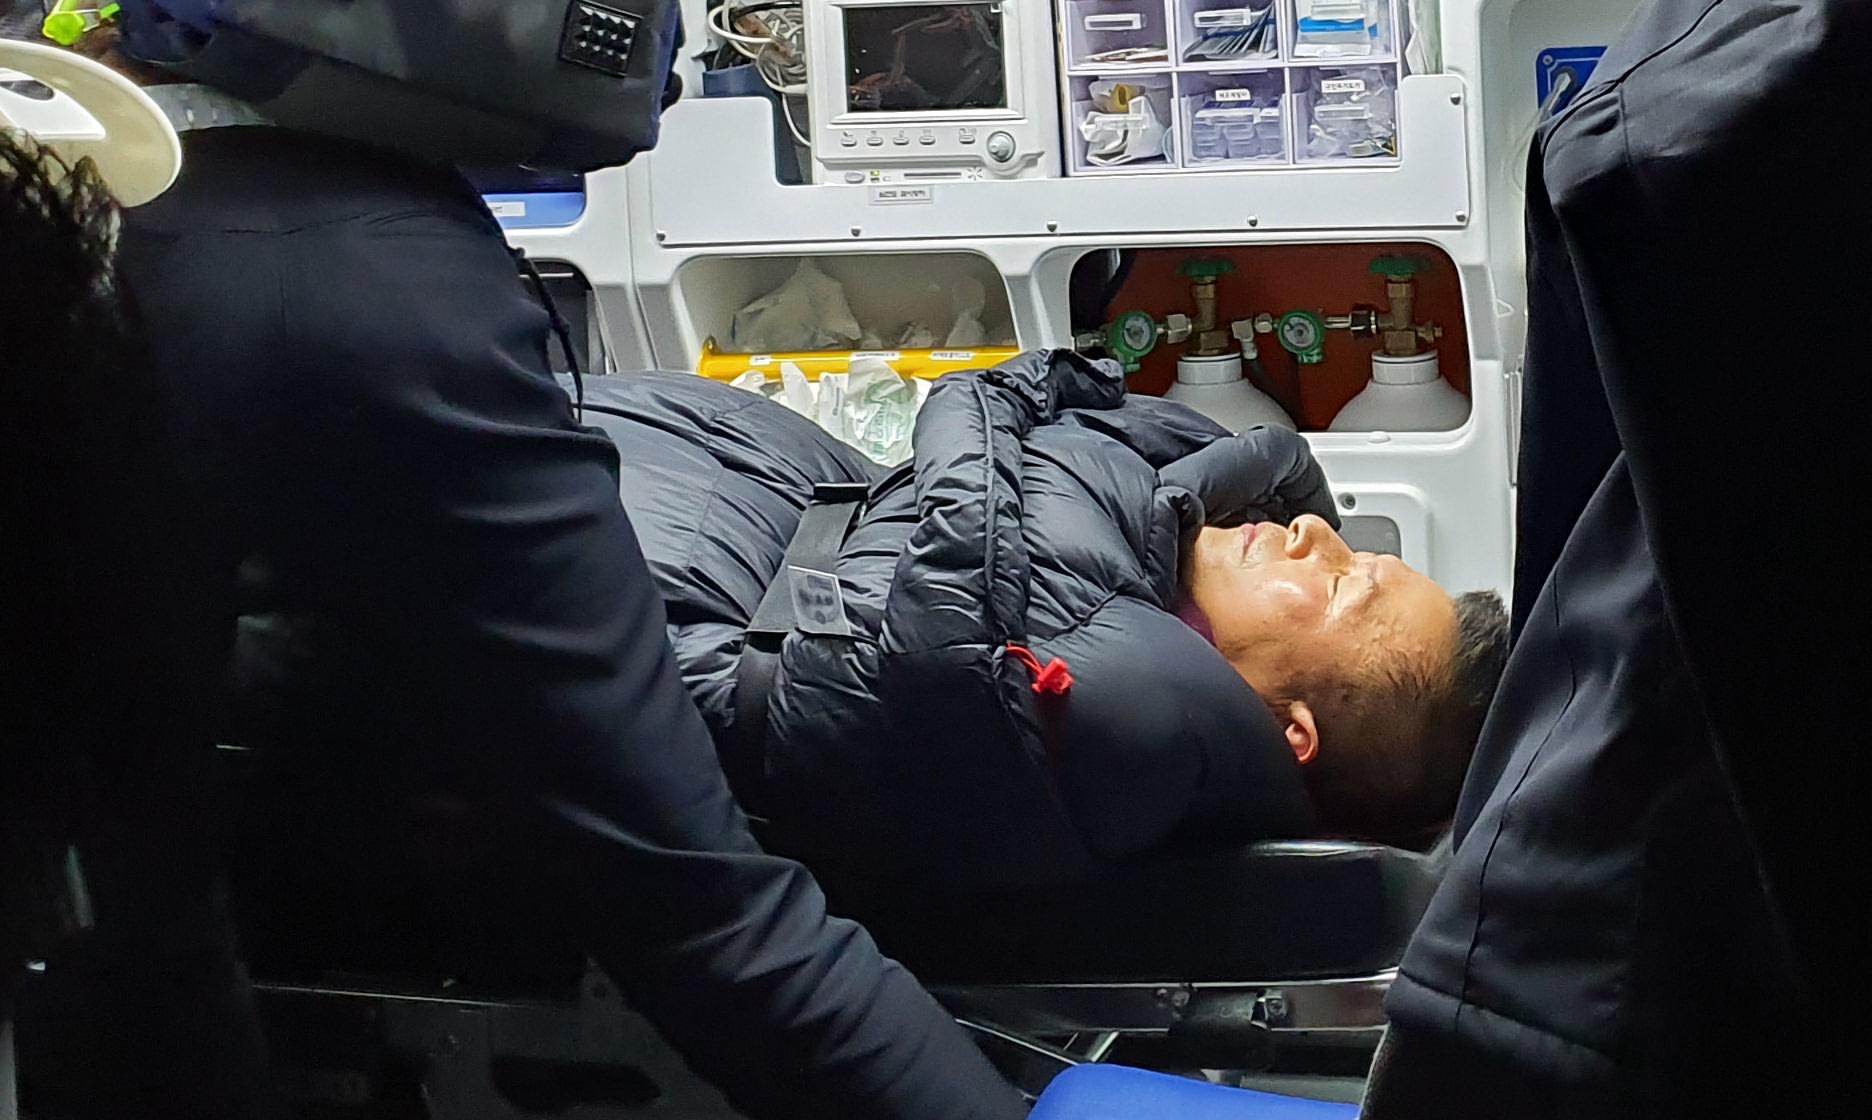 청와대 앞에서 8일째 단식하던 자유한국당 황교안 대표가 27일 밤 응급실로 이송되고 있다. [사진 자유한국당]